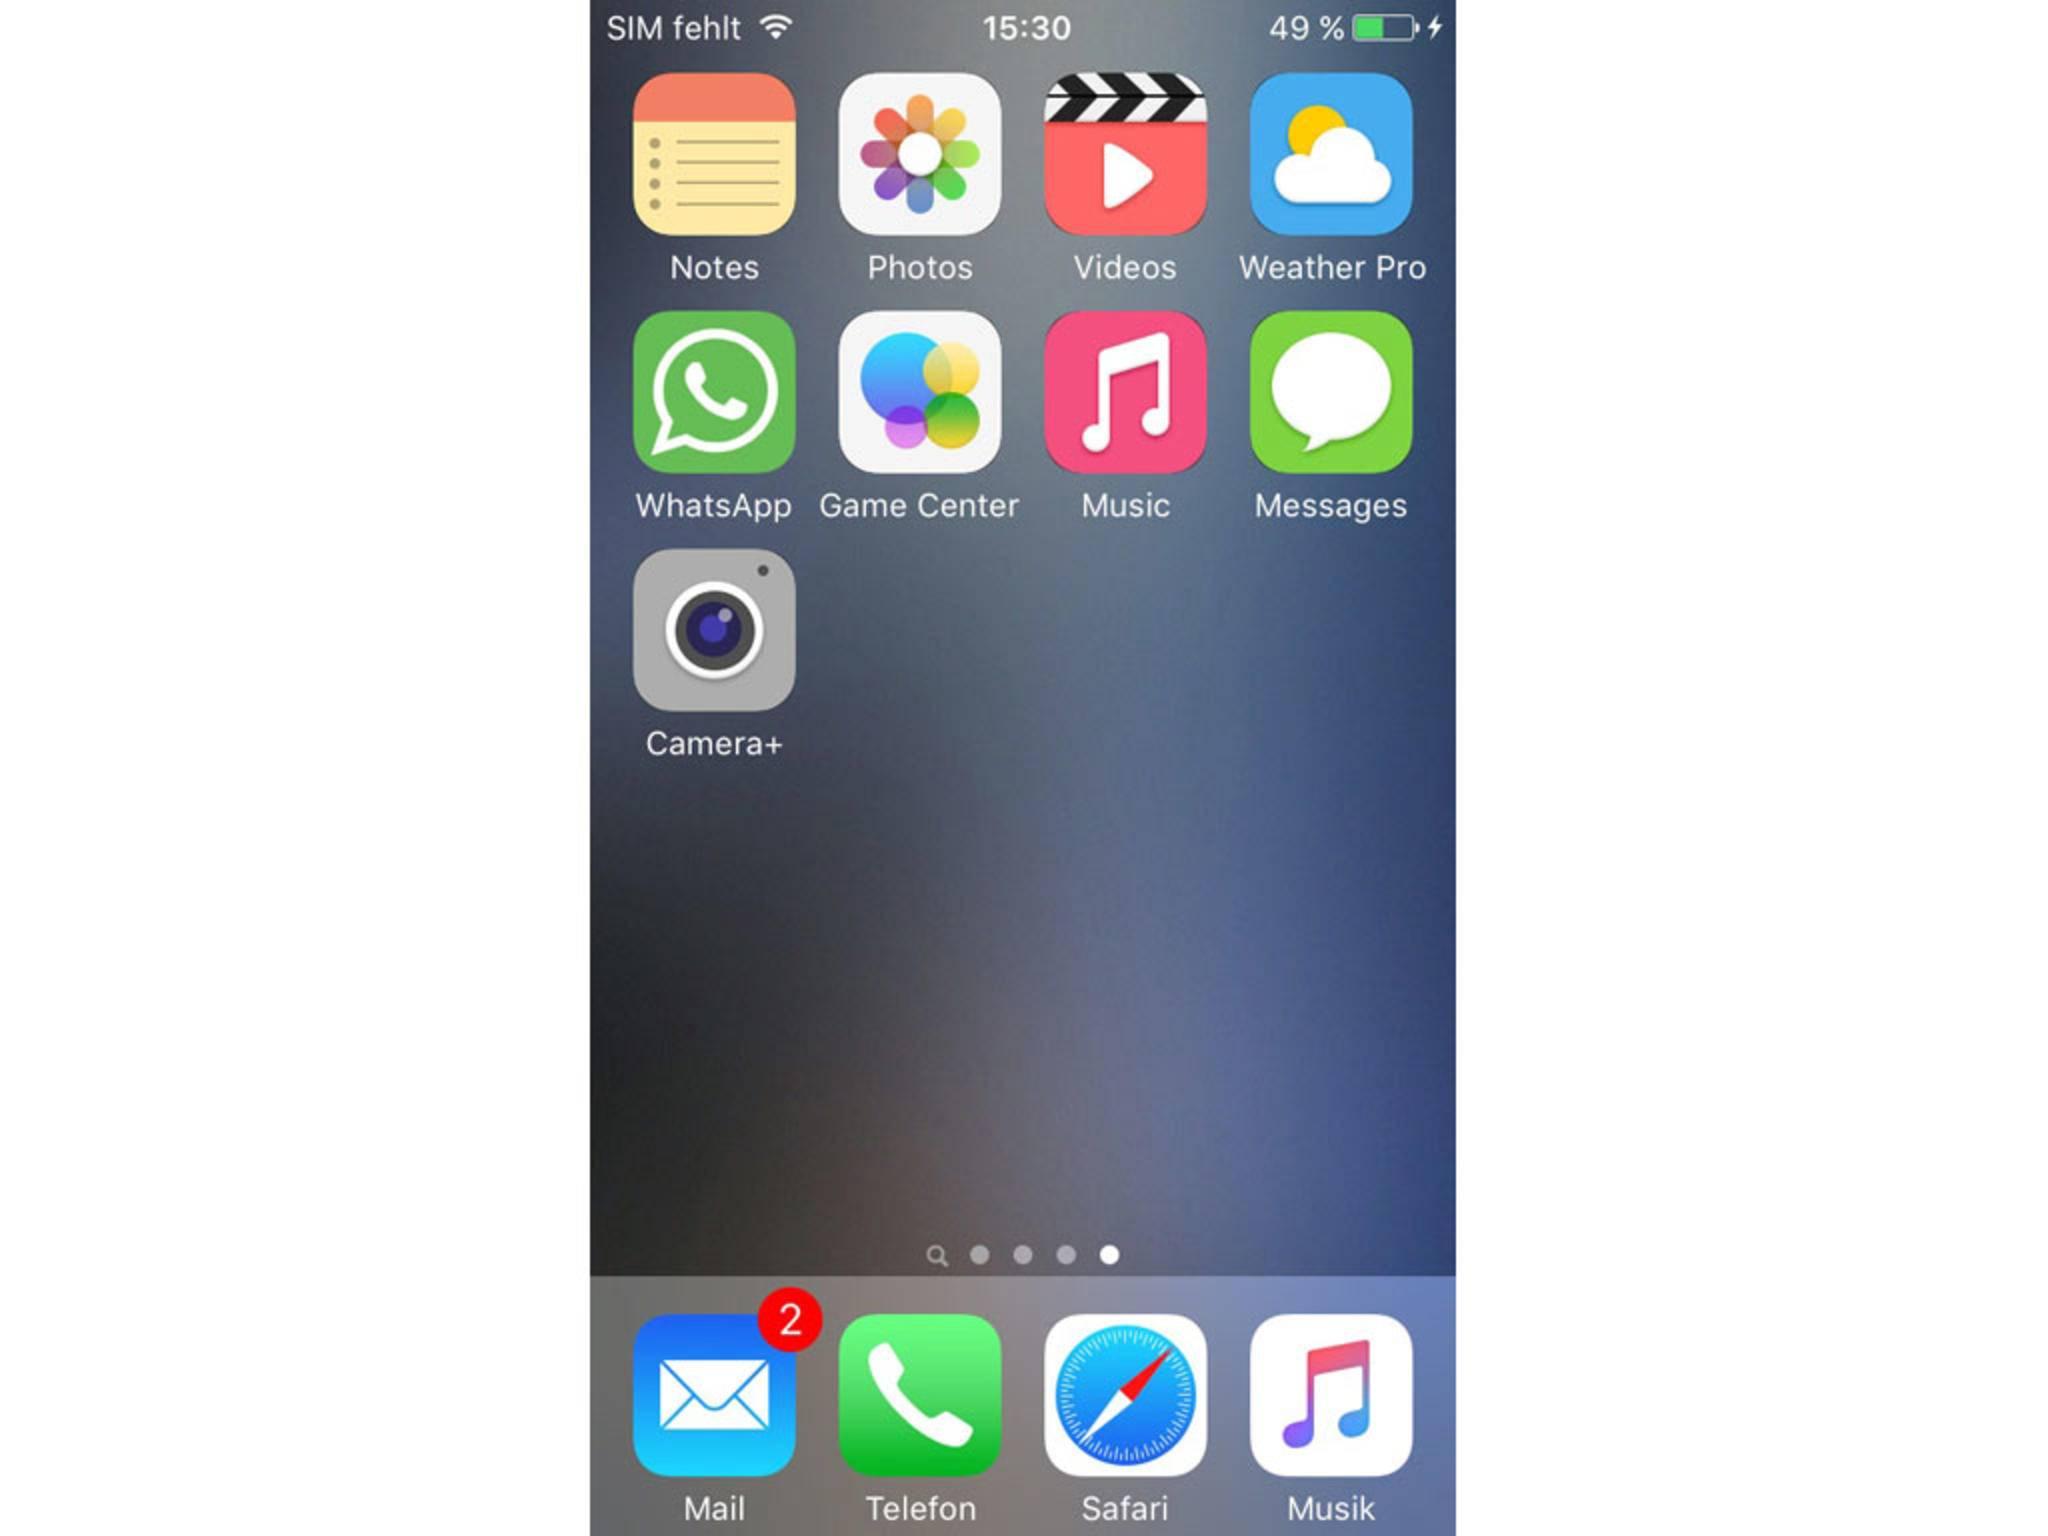 So sehen die neuen App-Symbole in unserem Beispiel auf dem Homescreen aus.